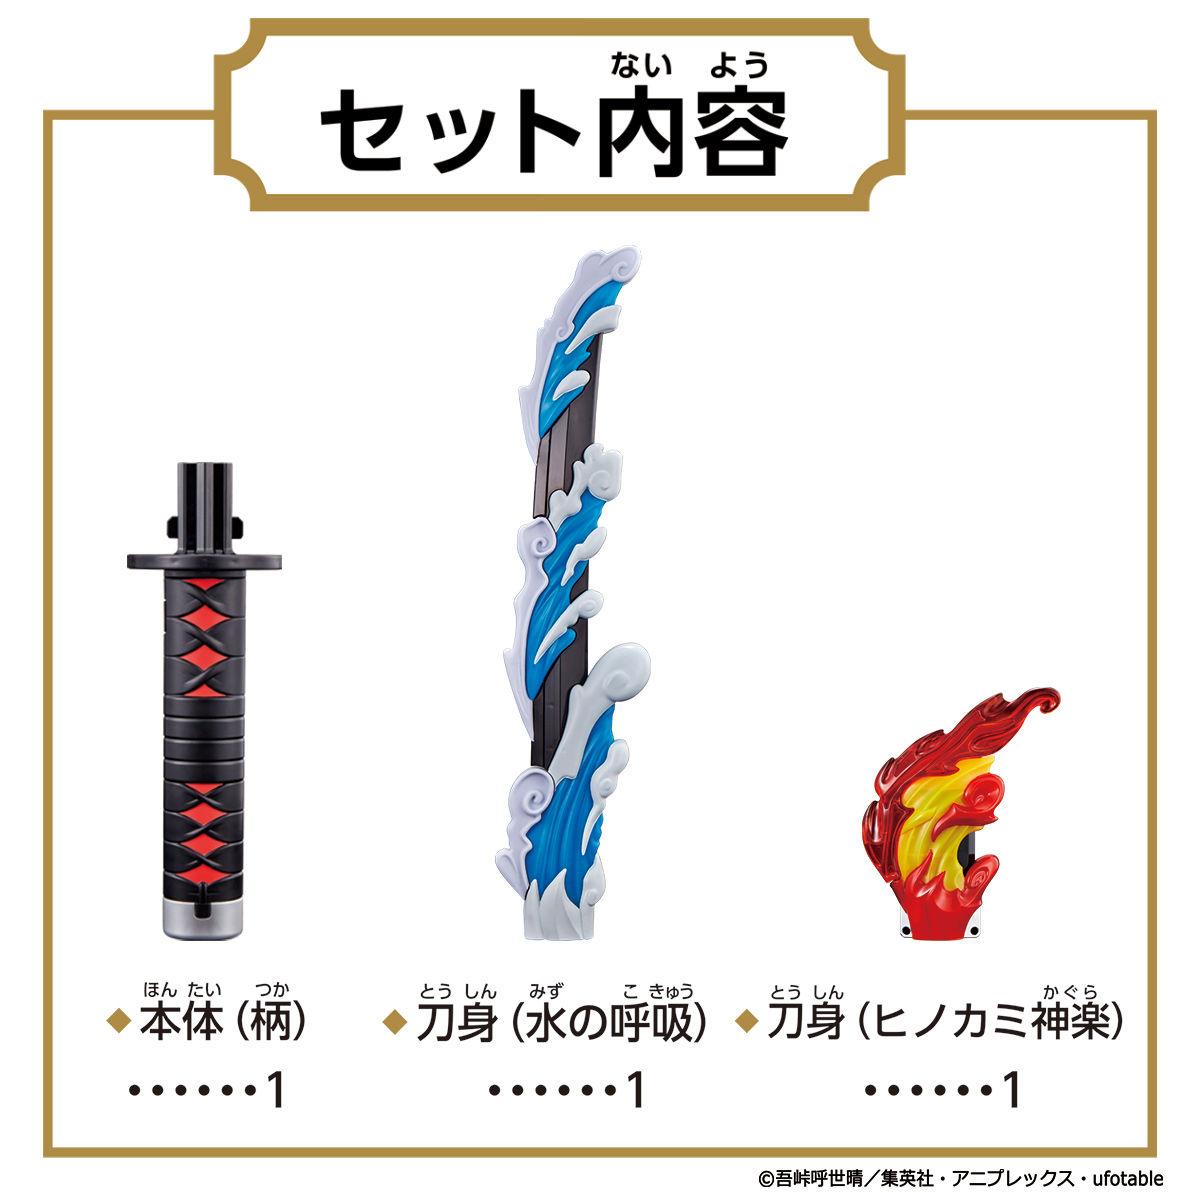 【限定再販】鬼滅の刃『DX日輪刀』変身なりきり-004